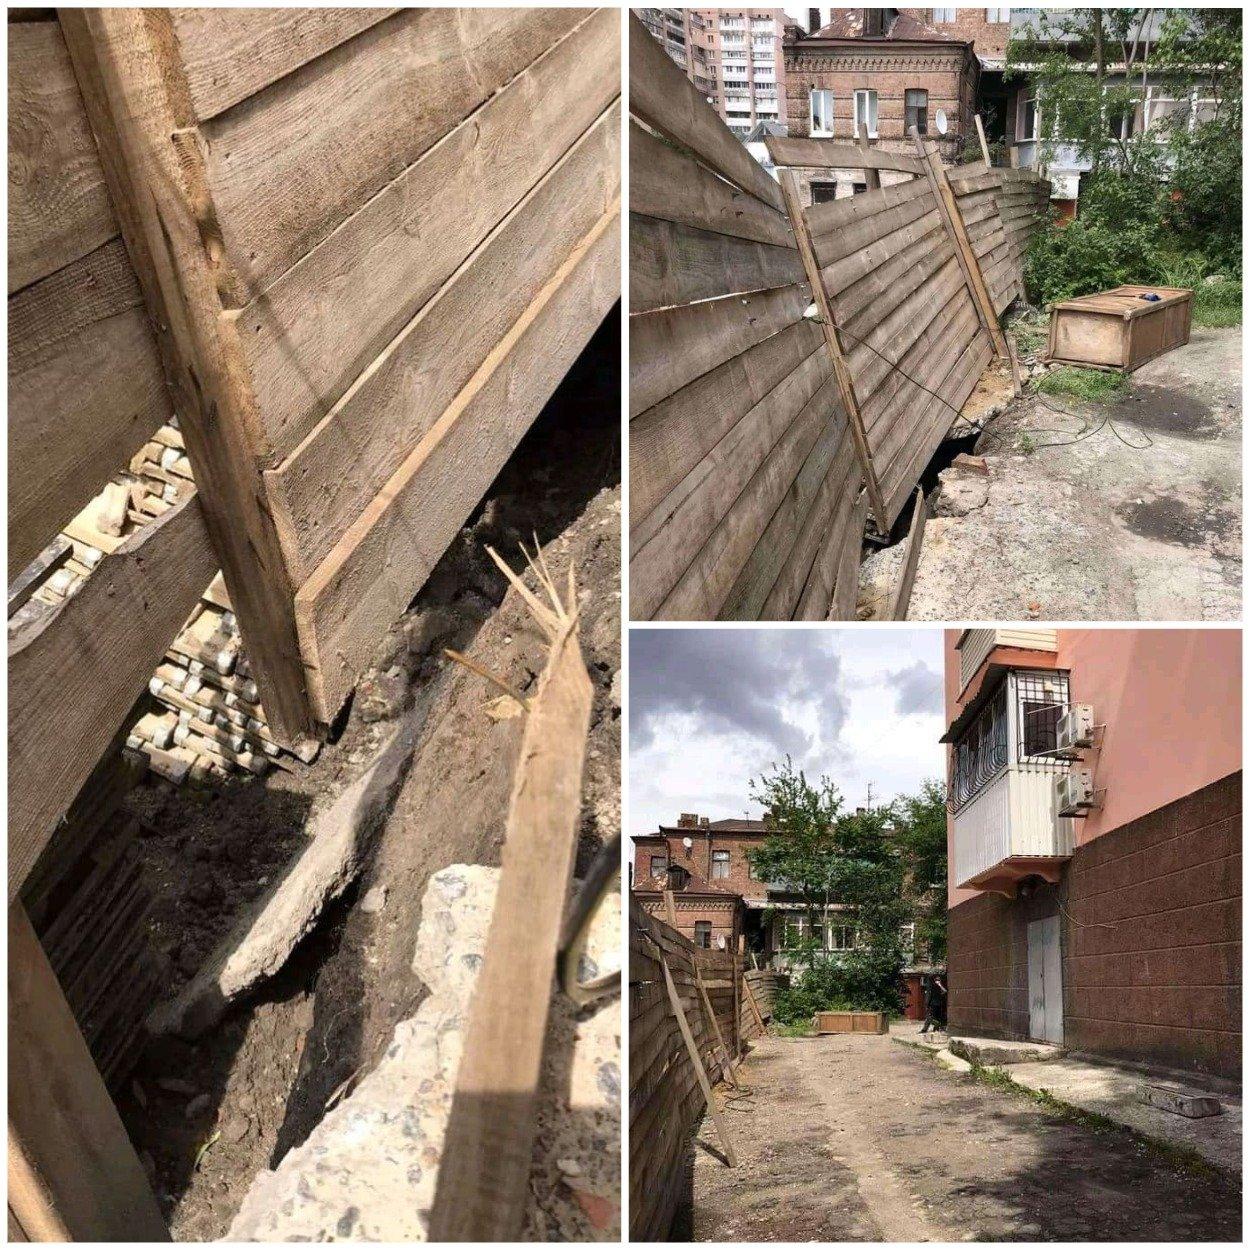 Пять метров к пропасти: в Днепре четырехэтажный жилой дом может сдвинуться в котлован будущей высотки , фото-2